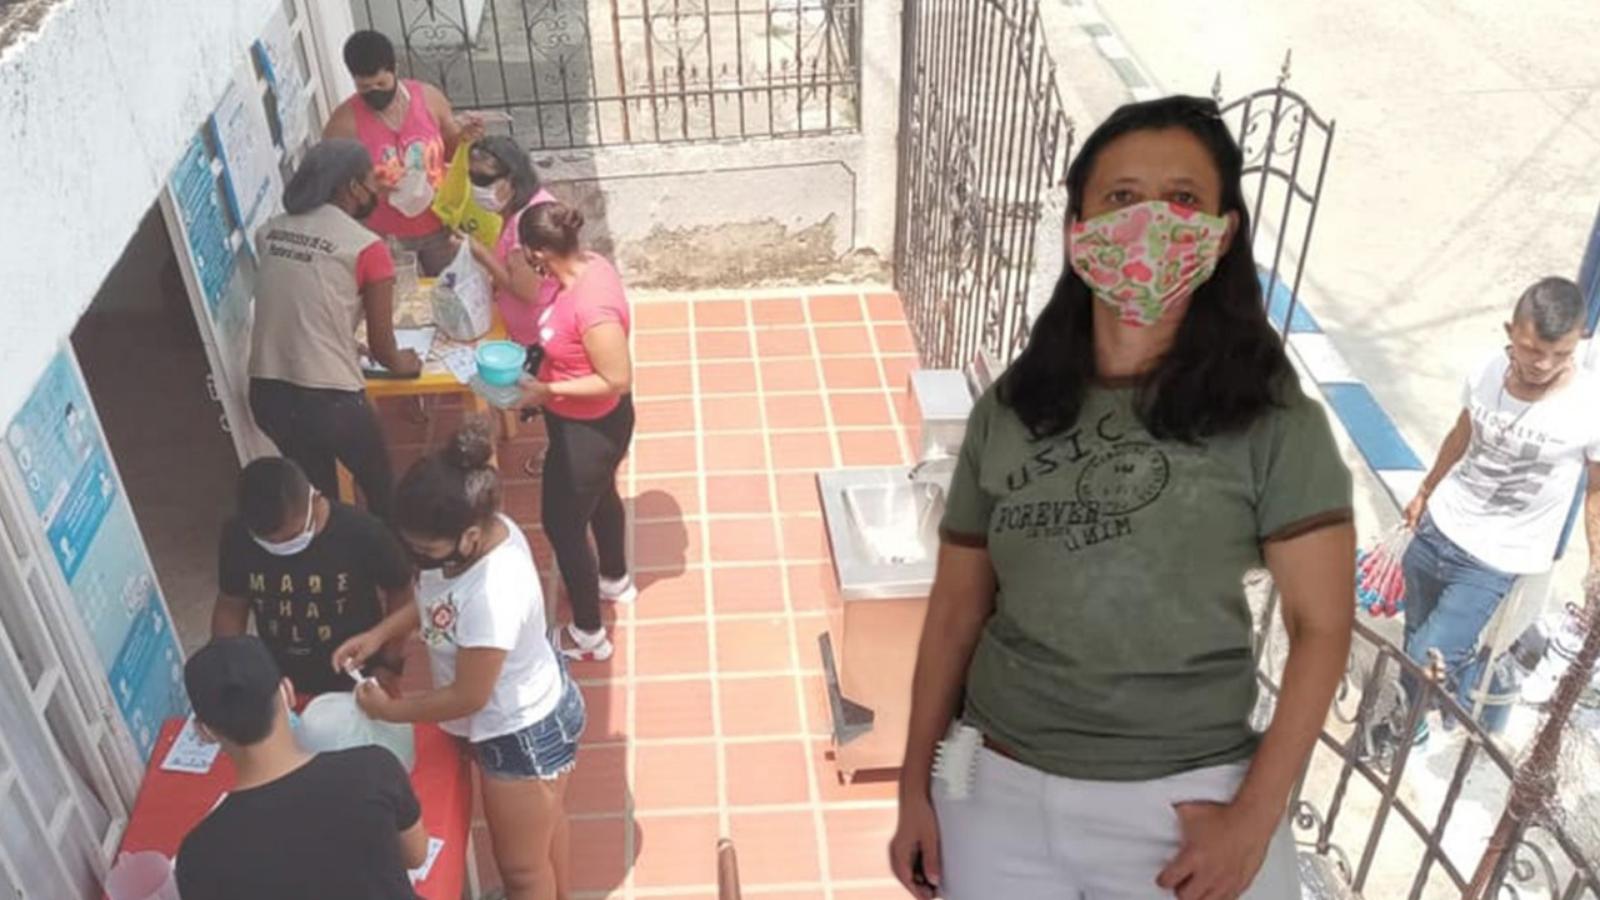 Reciclaje por almuerzo, la iniciativa caleña para migrantes